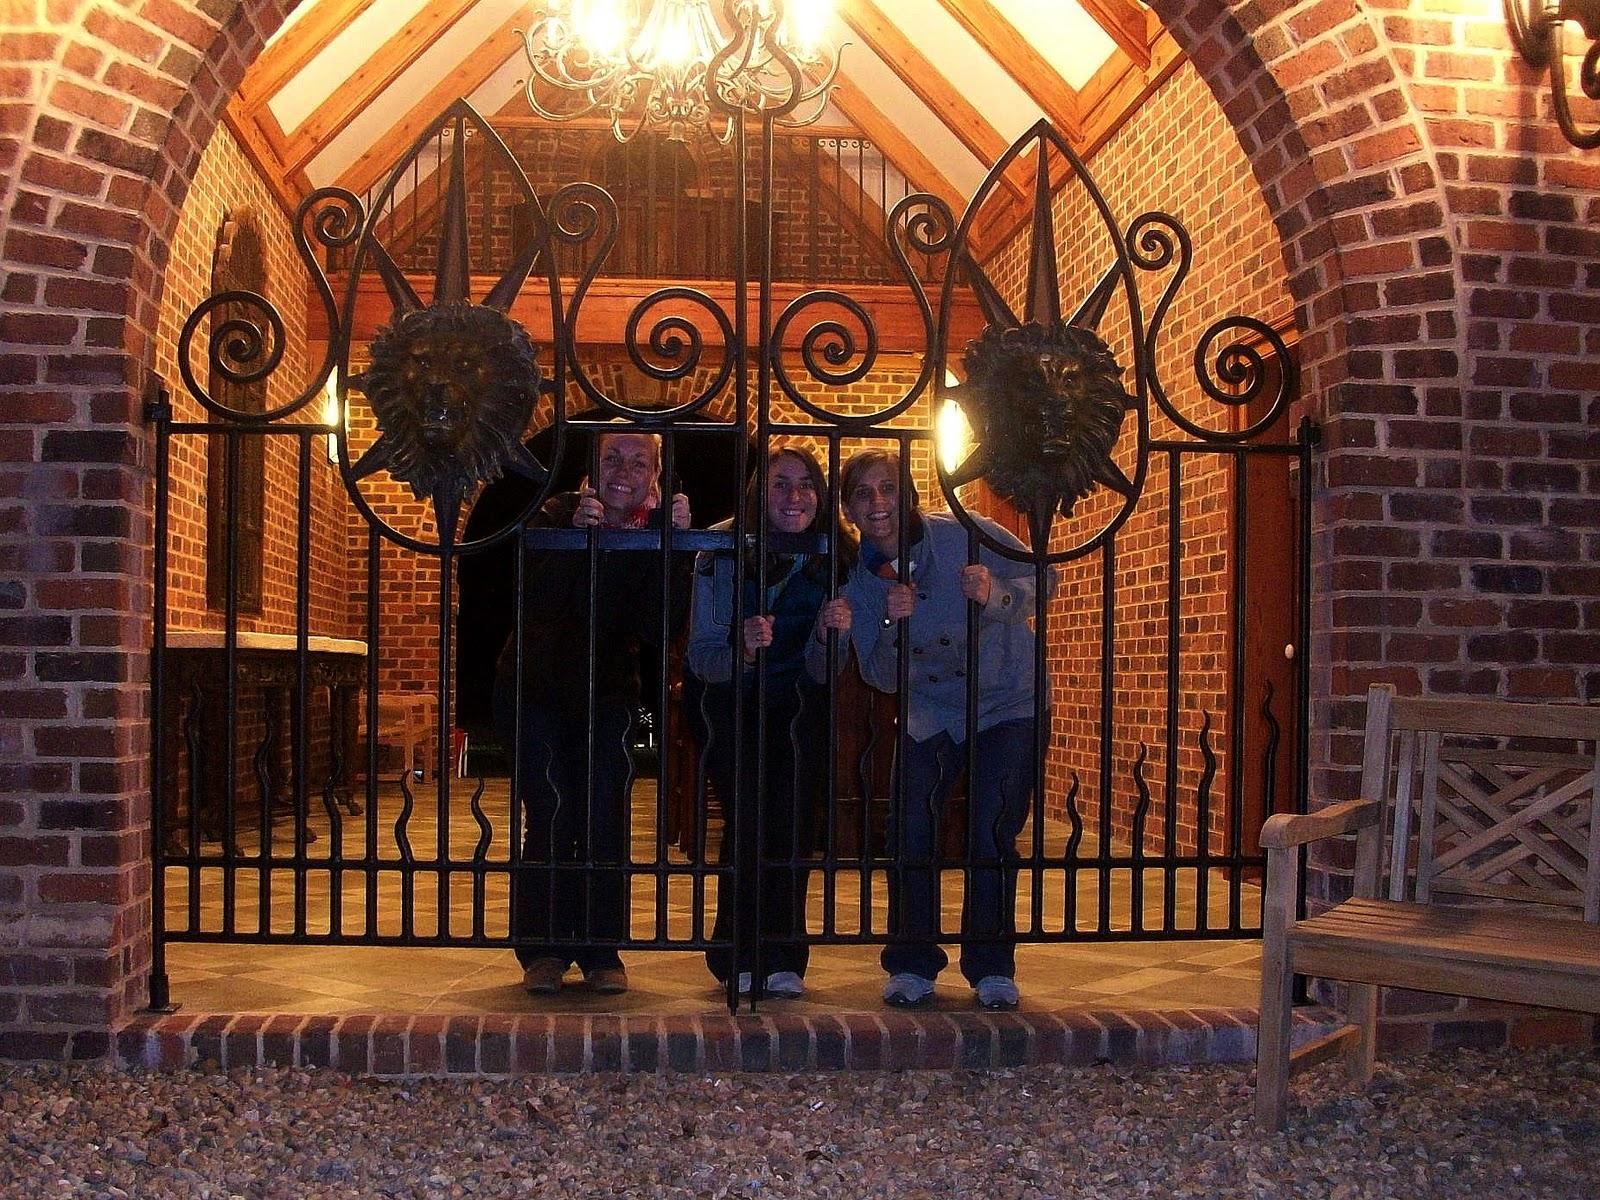 scary iron gates